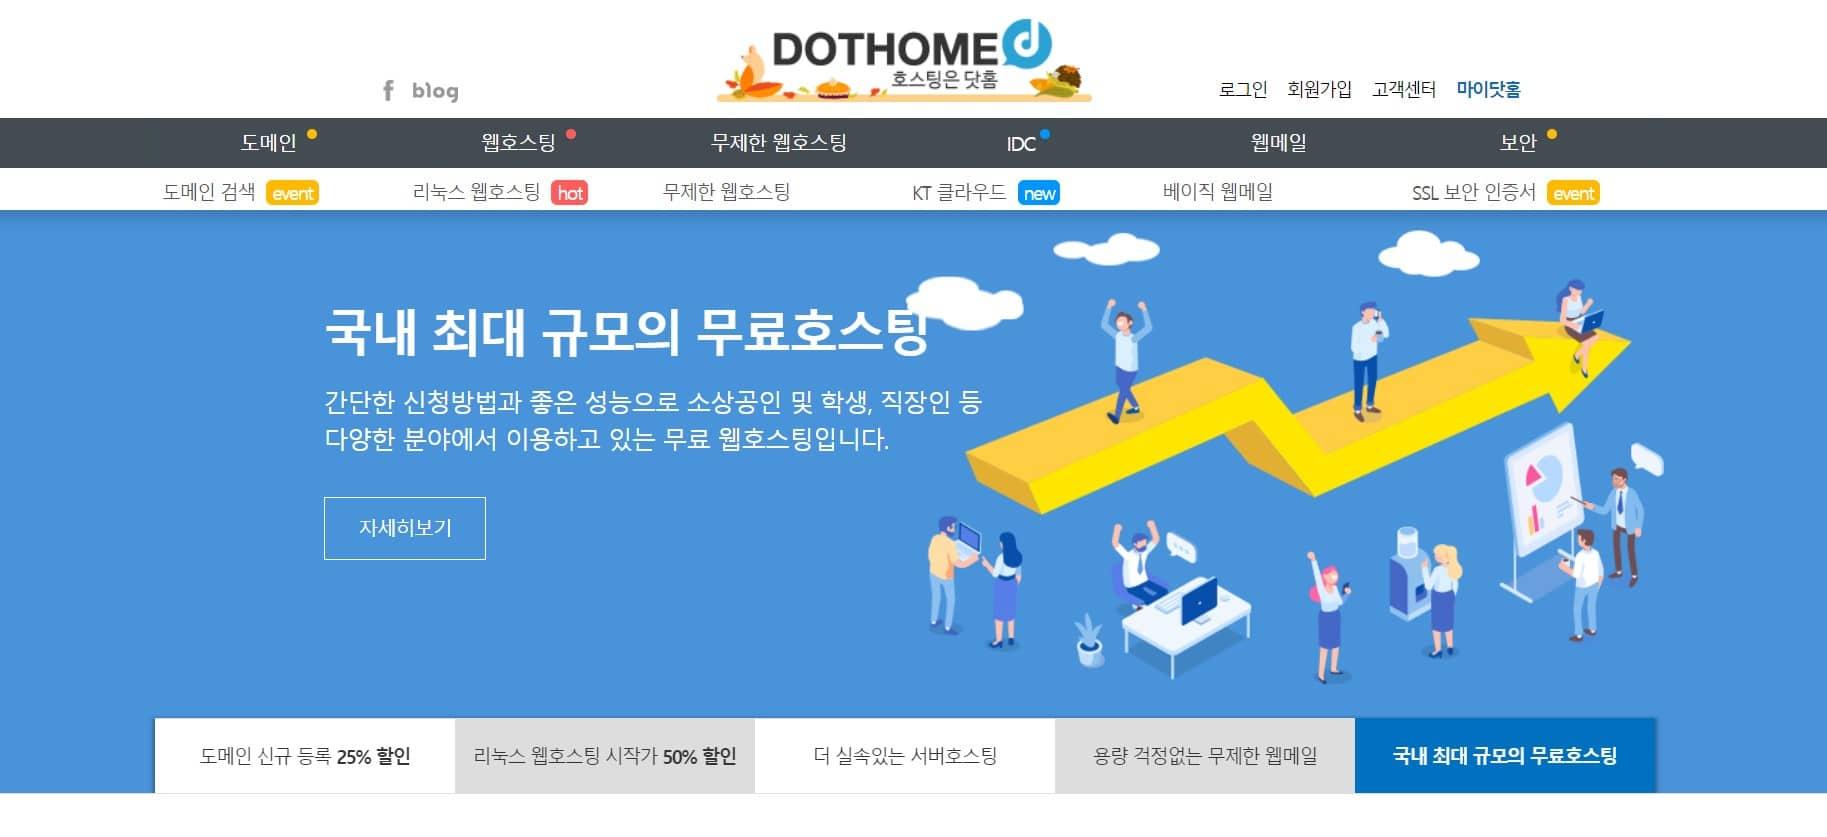 DOTHOME